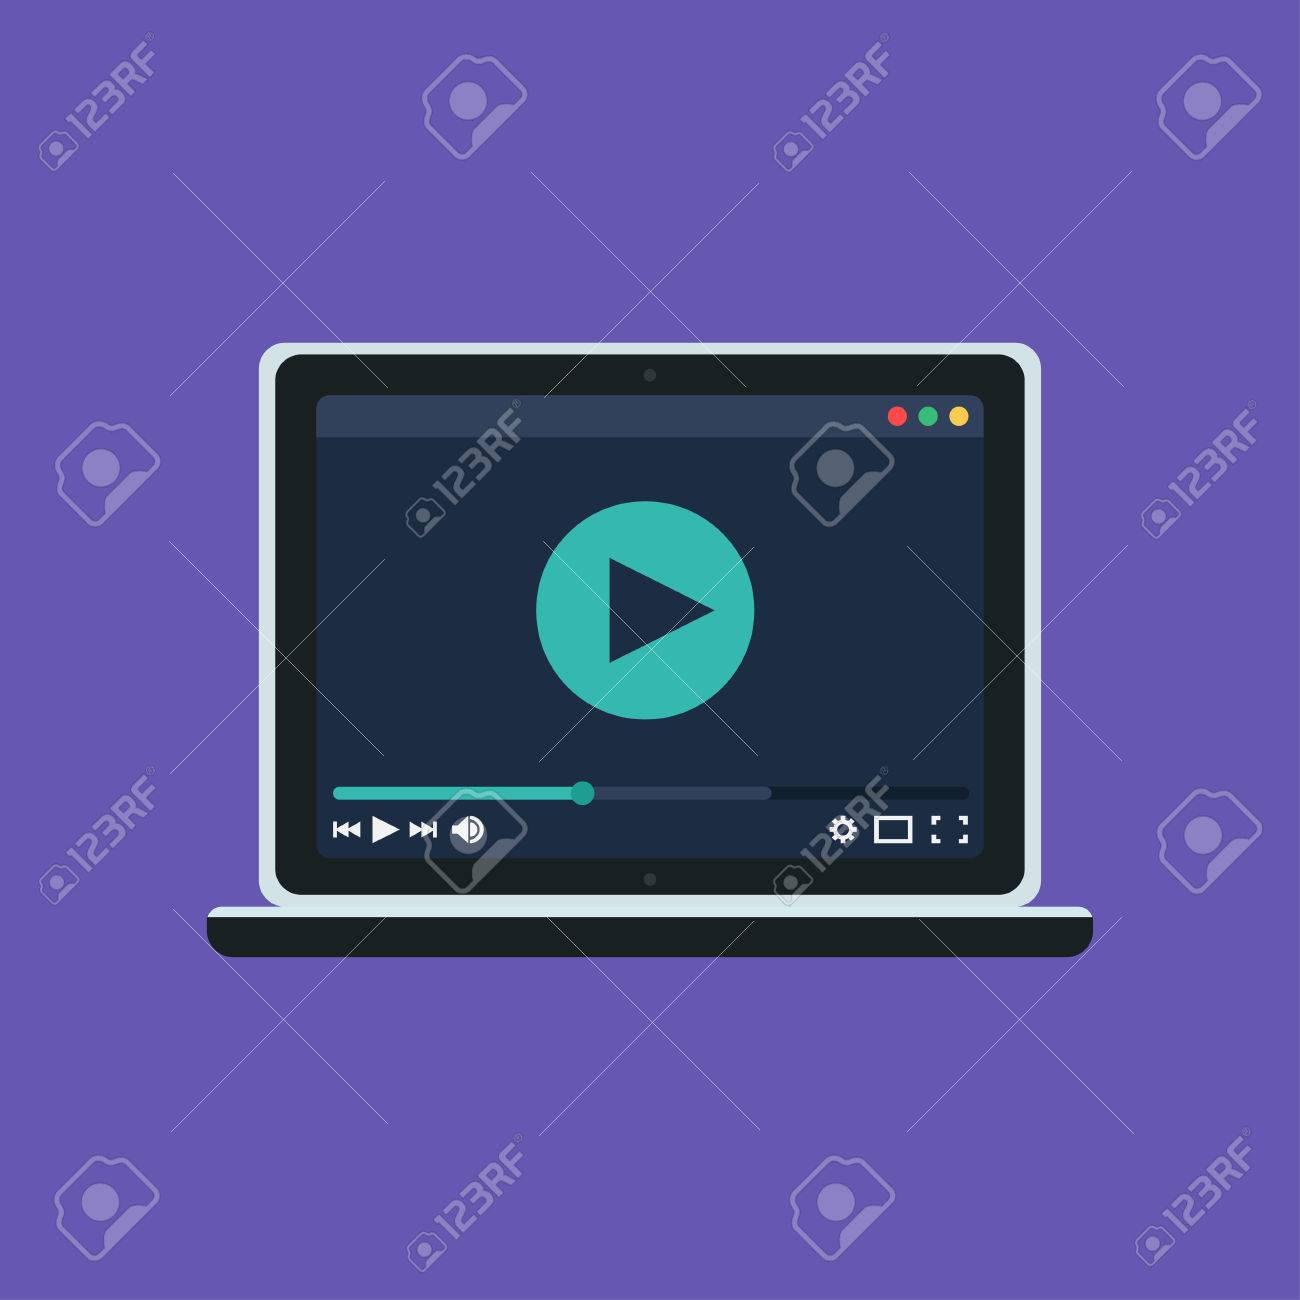 Plantilla Web Y Elementos Para El Sitio De Forma De Ver El Vídeo En ...